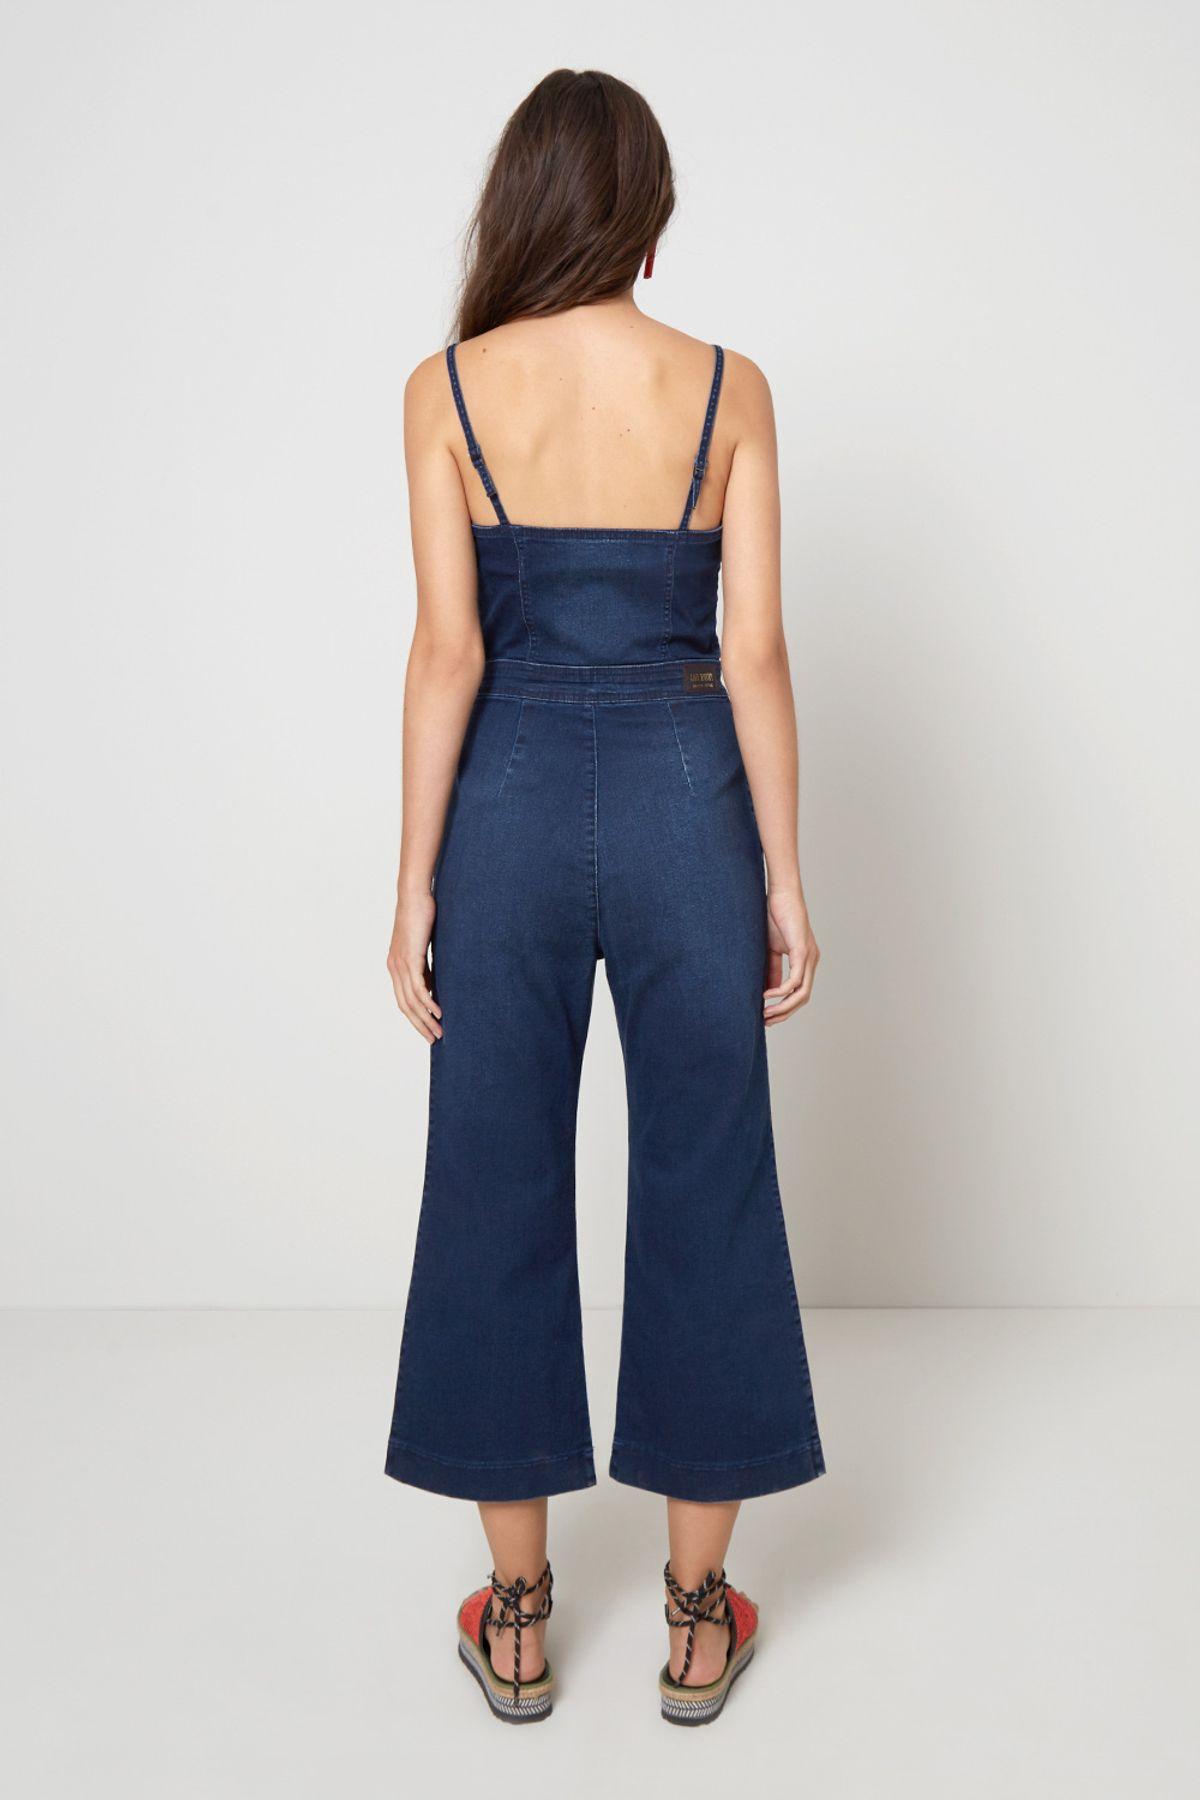 Macacao-Jeans-Botao-Frente